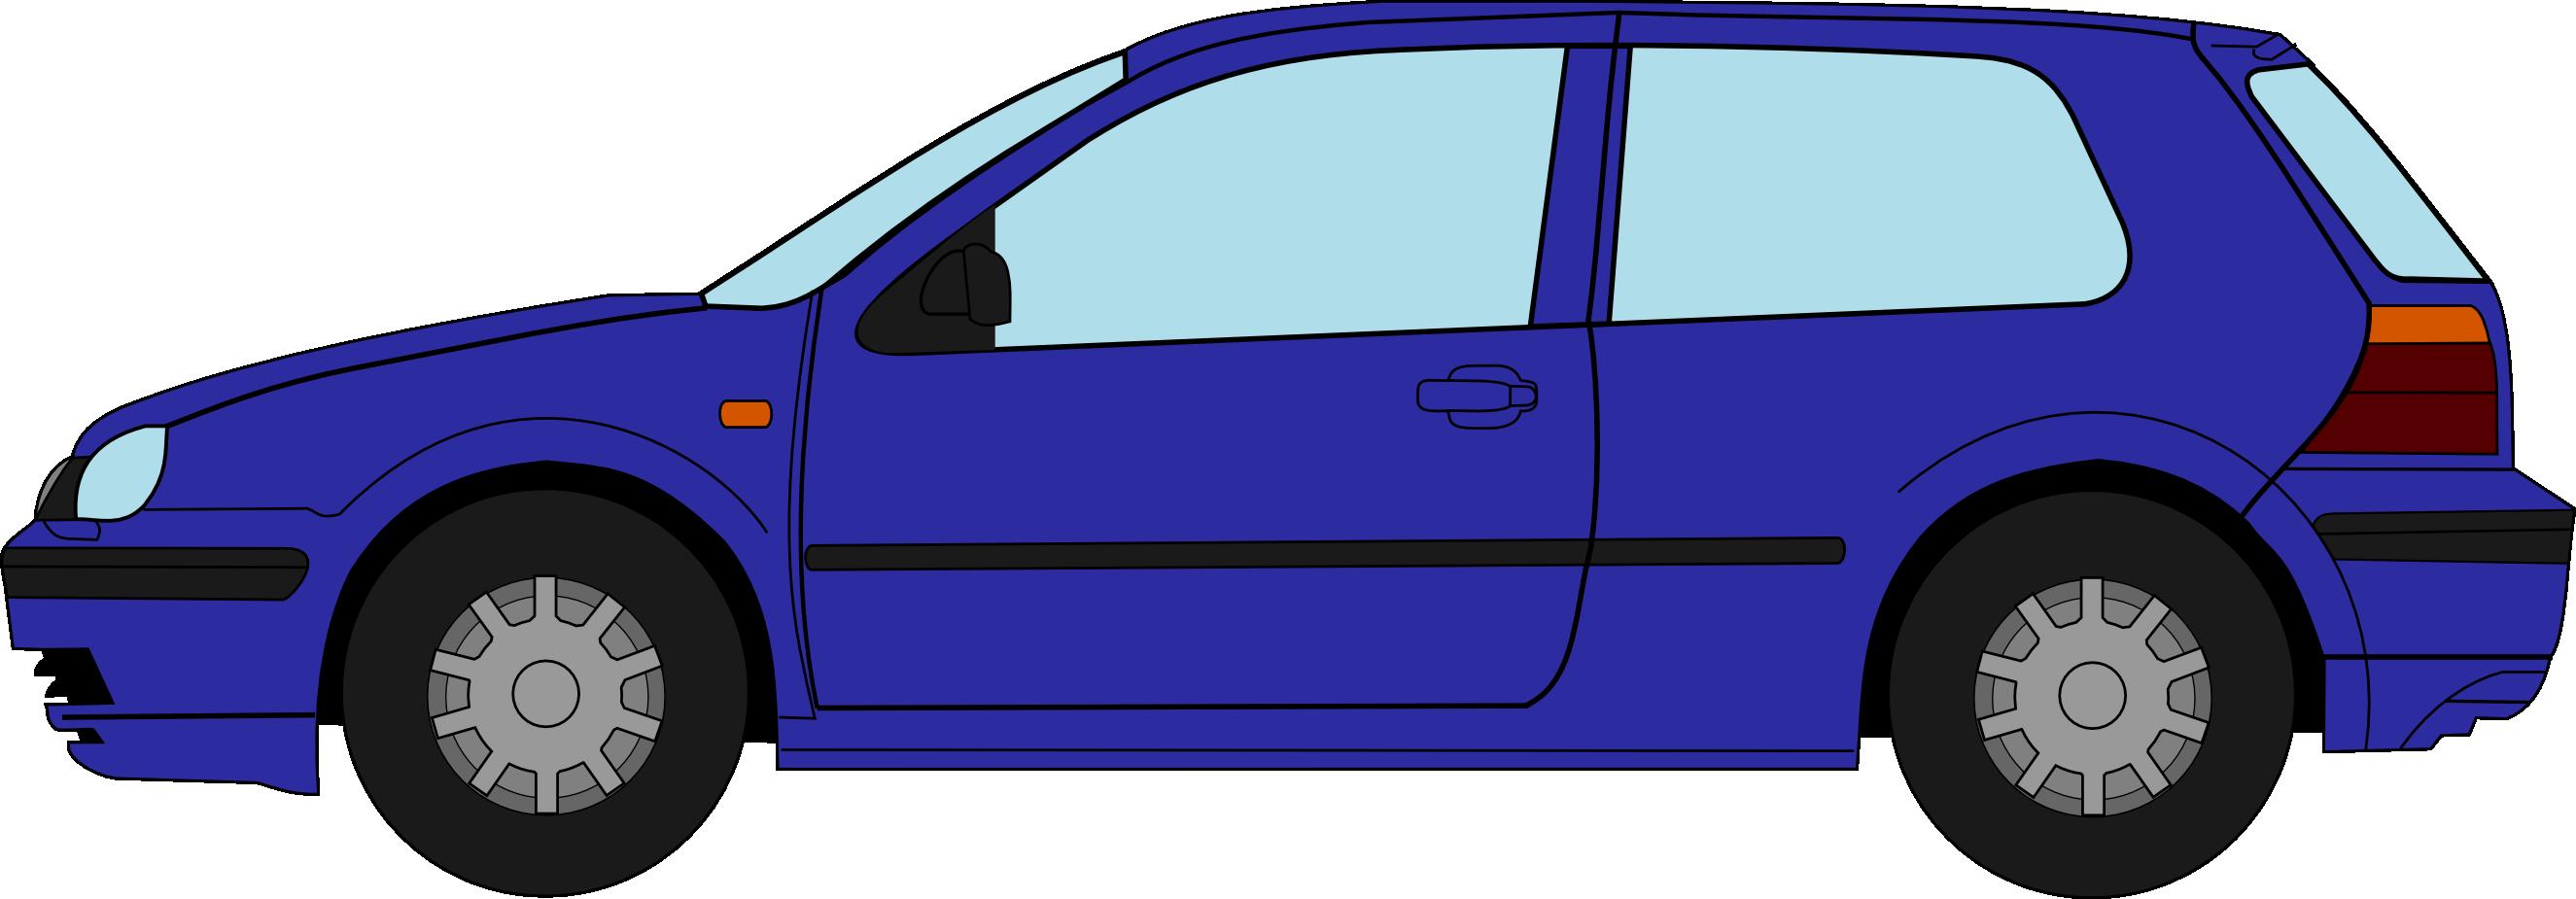 рисунок автомобиля сбоку разнообразия можно использовать